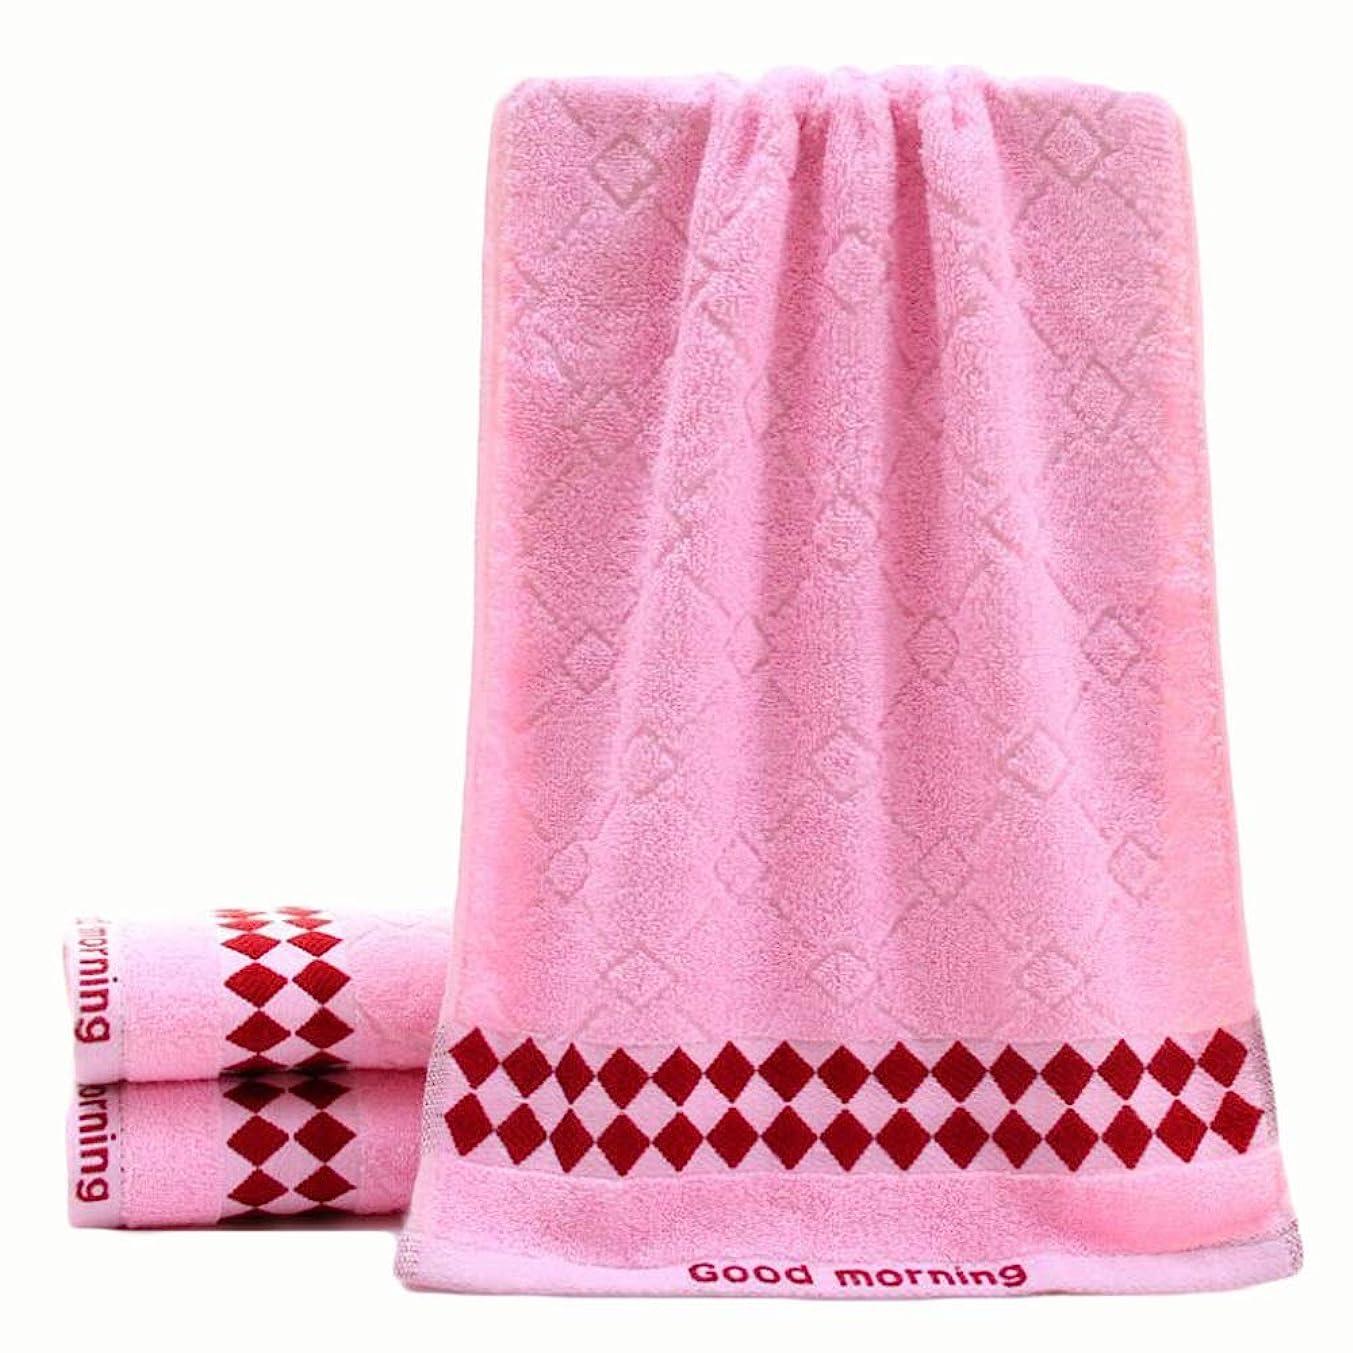 人工的な導出幻想的CXUNKK 2PCS / LOT家庭用綿洗いソフト吸収性フェイスタオル (Color : Pink)